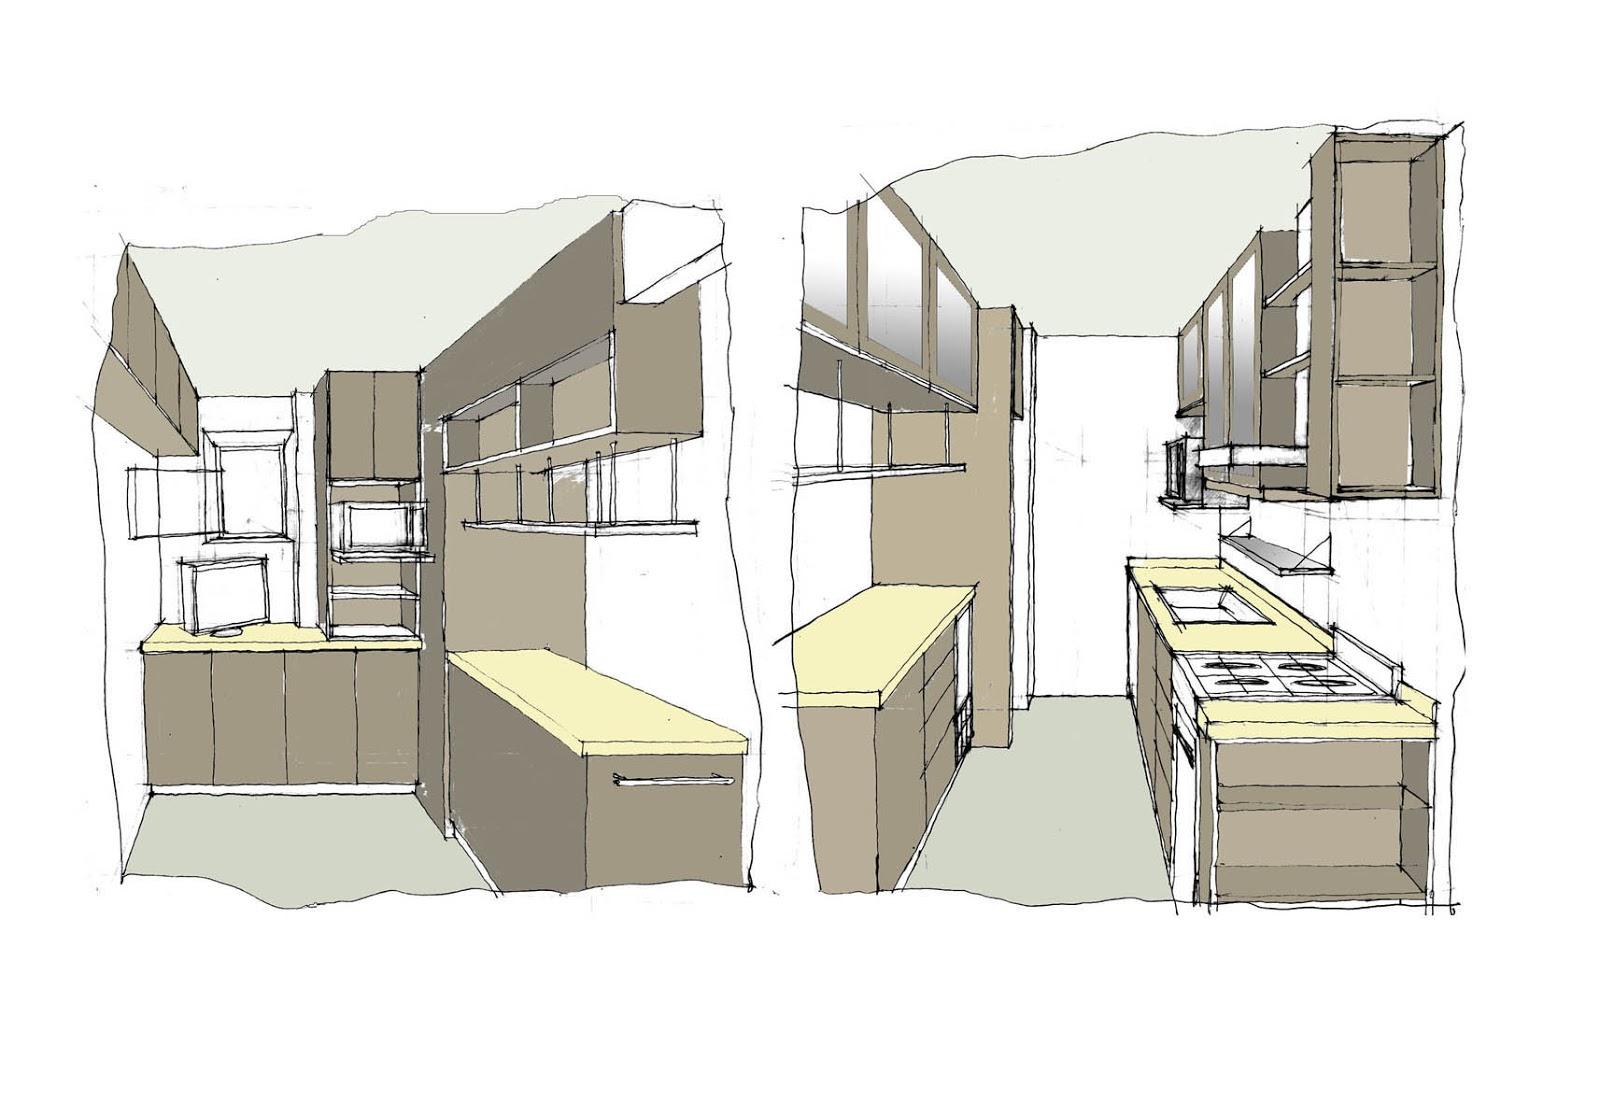 Revista digital apuntes de arquitectura apuntes y bocetos for Cocina definicion arquitectura